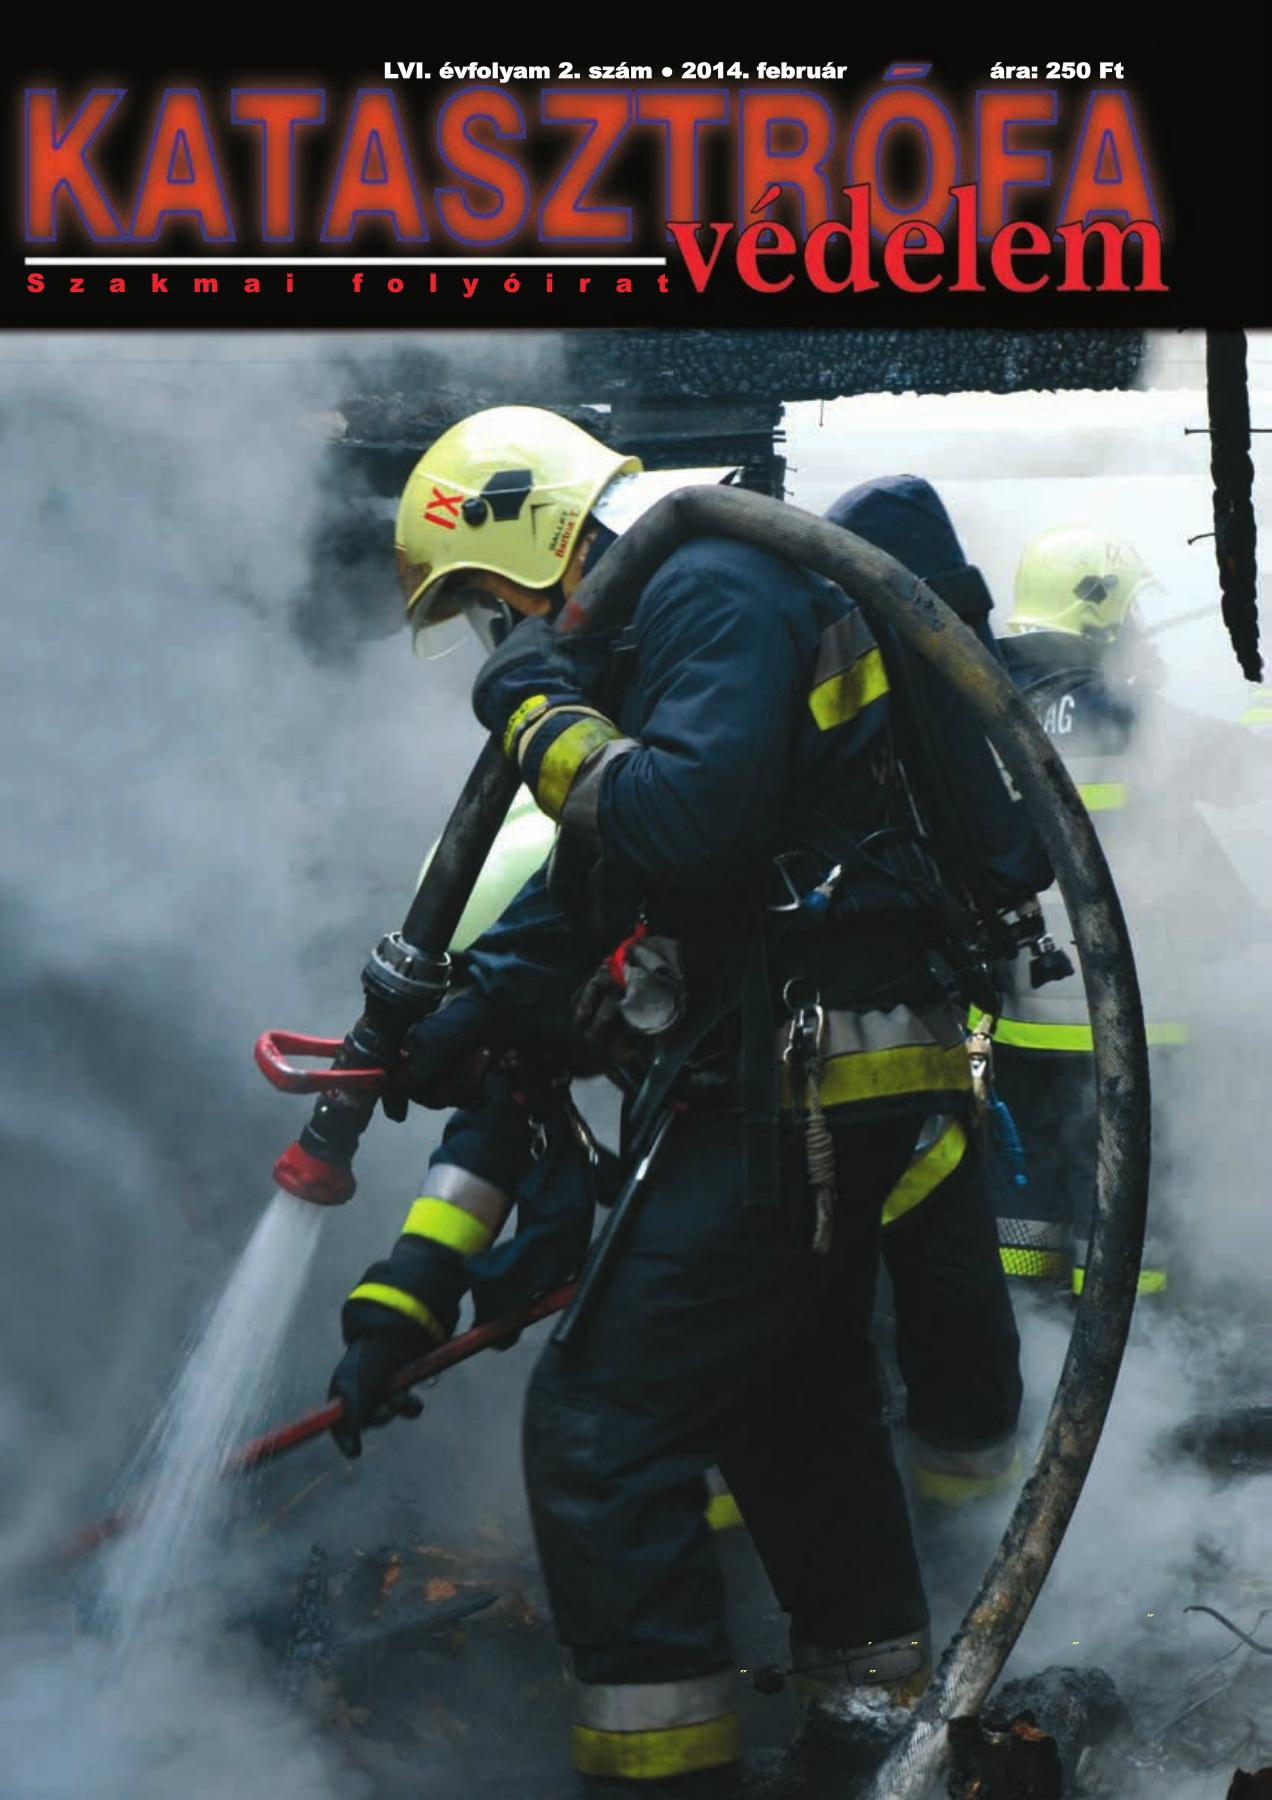 A Katasztrófavédelem magazin LVI. évfolyam 2. szám megtekintése